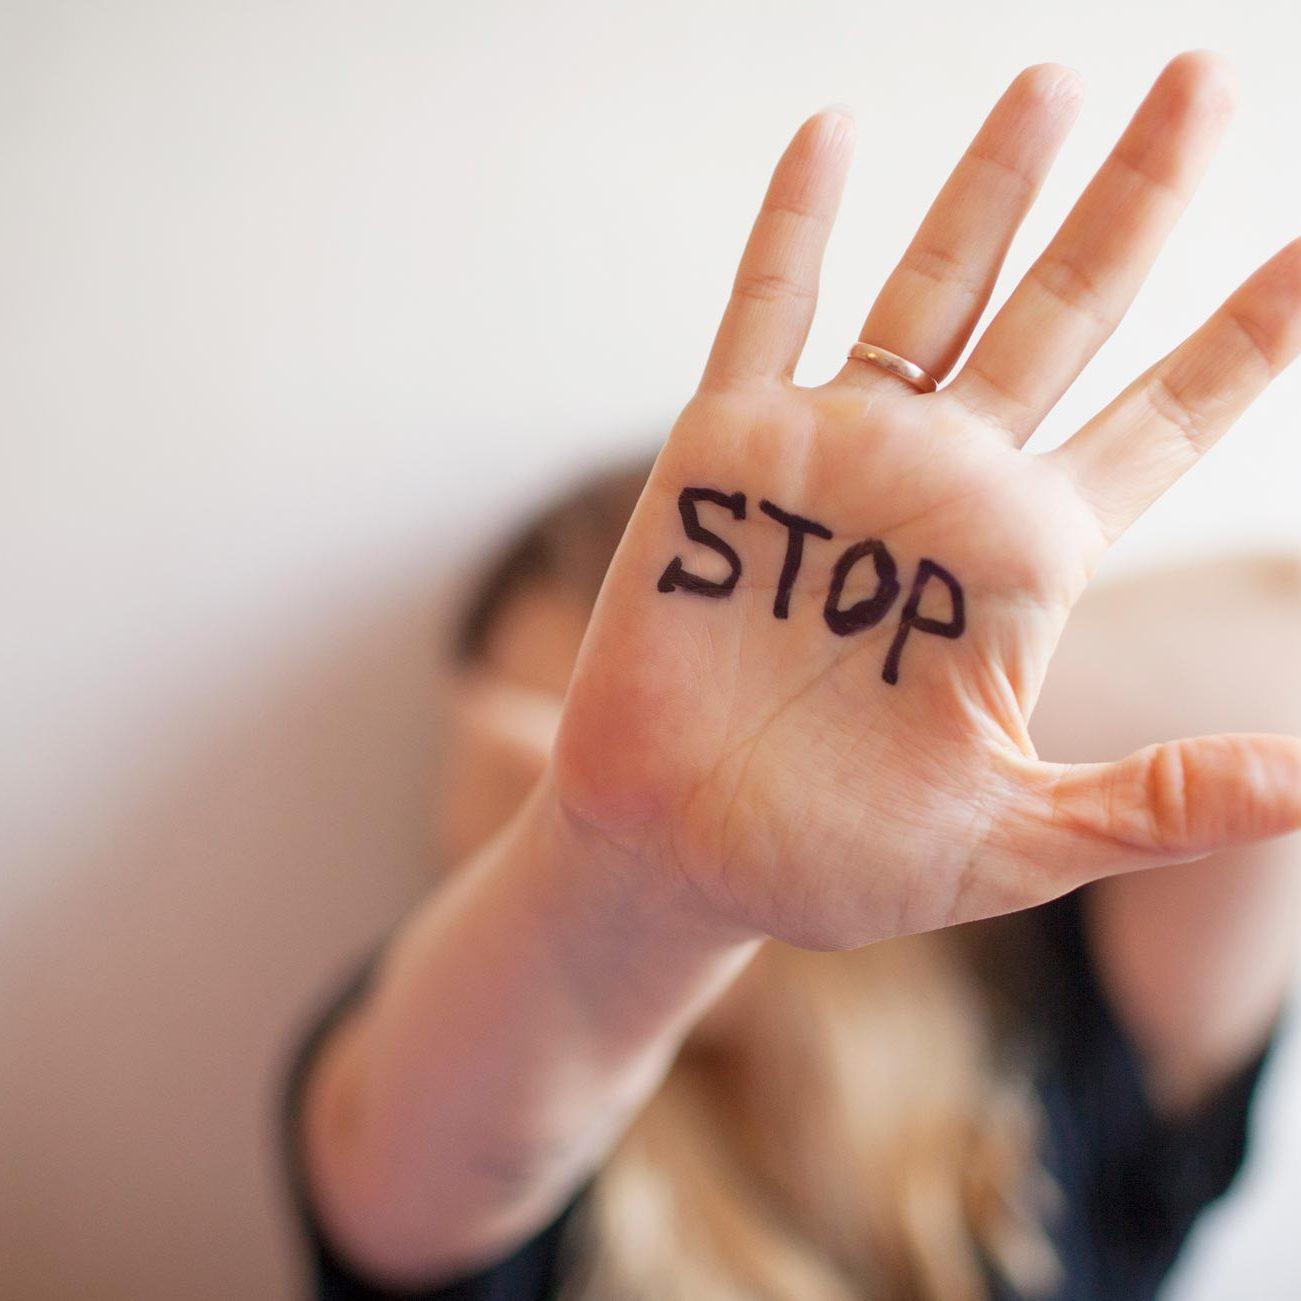 Stop écrit dans la main